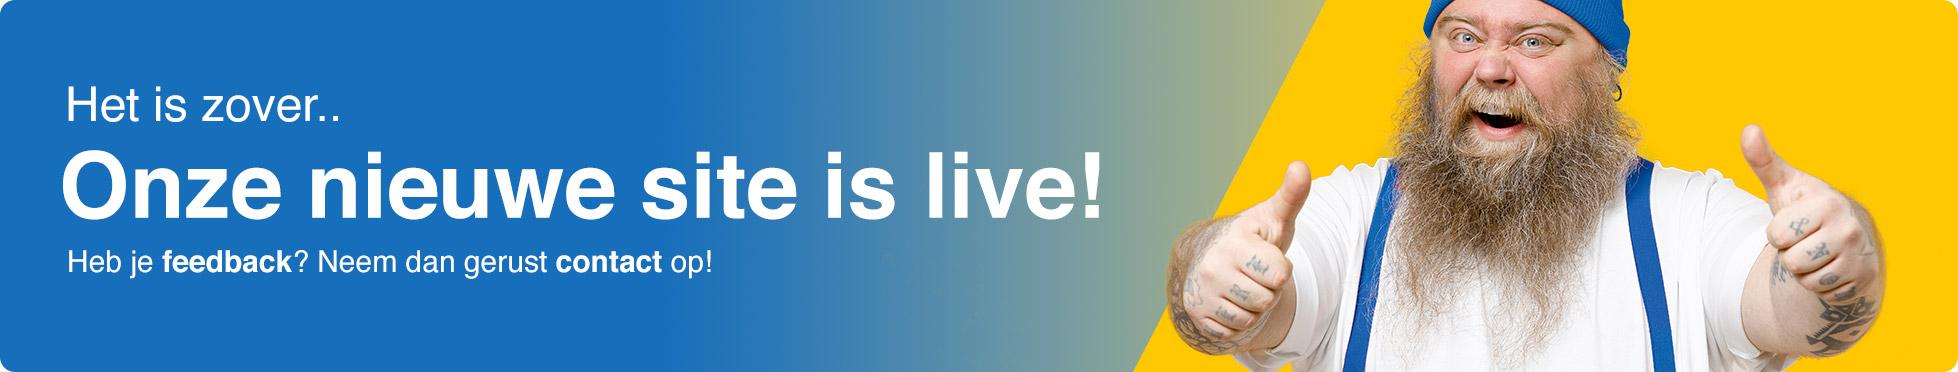 Nieuwe site is live